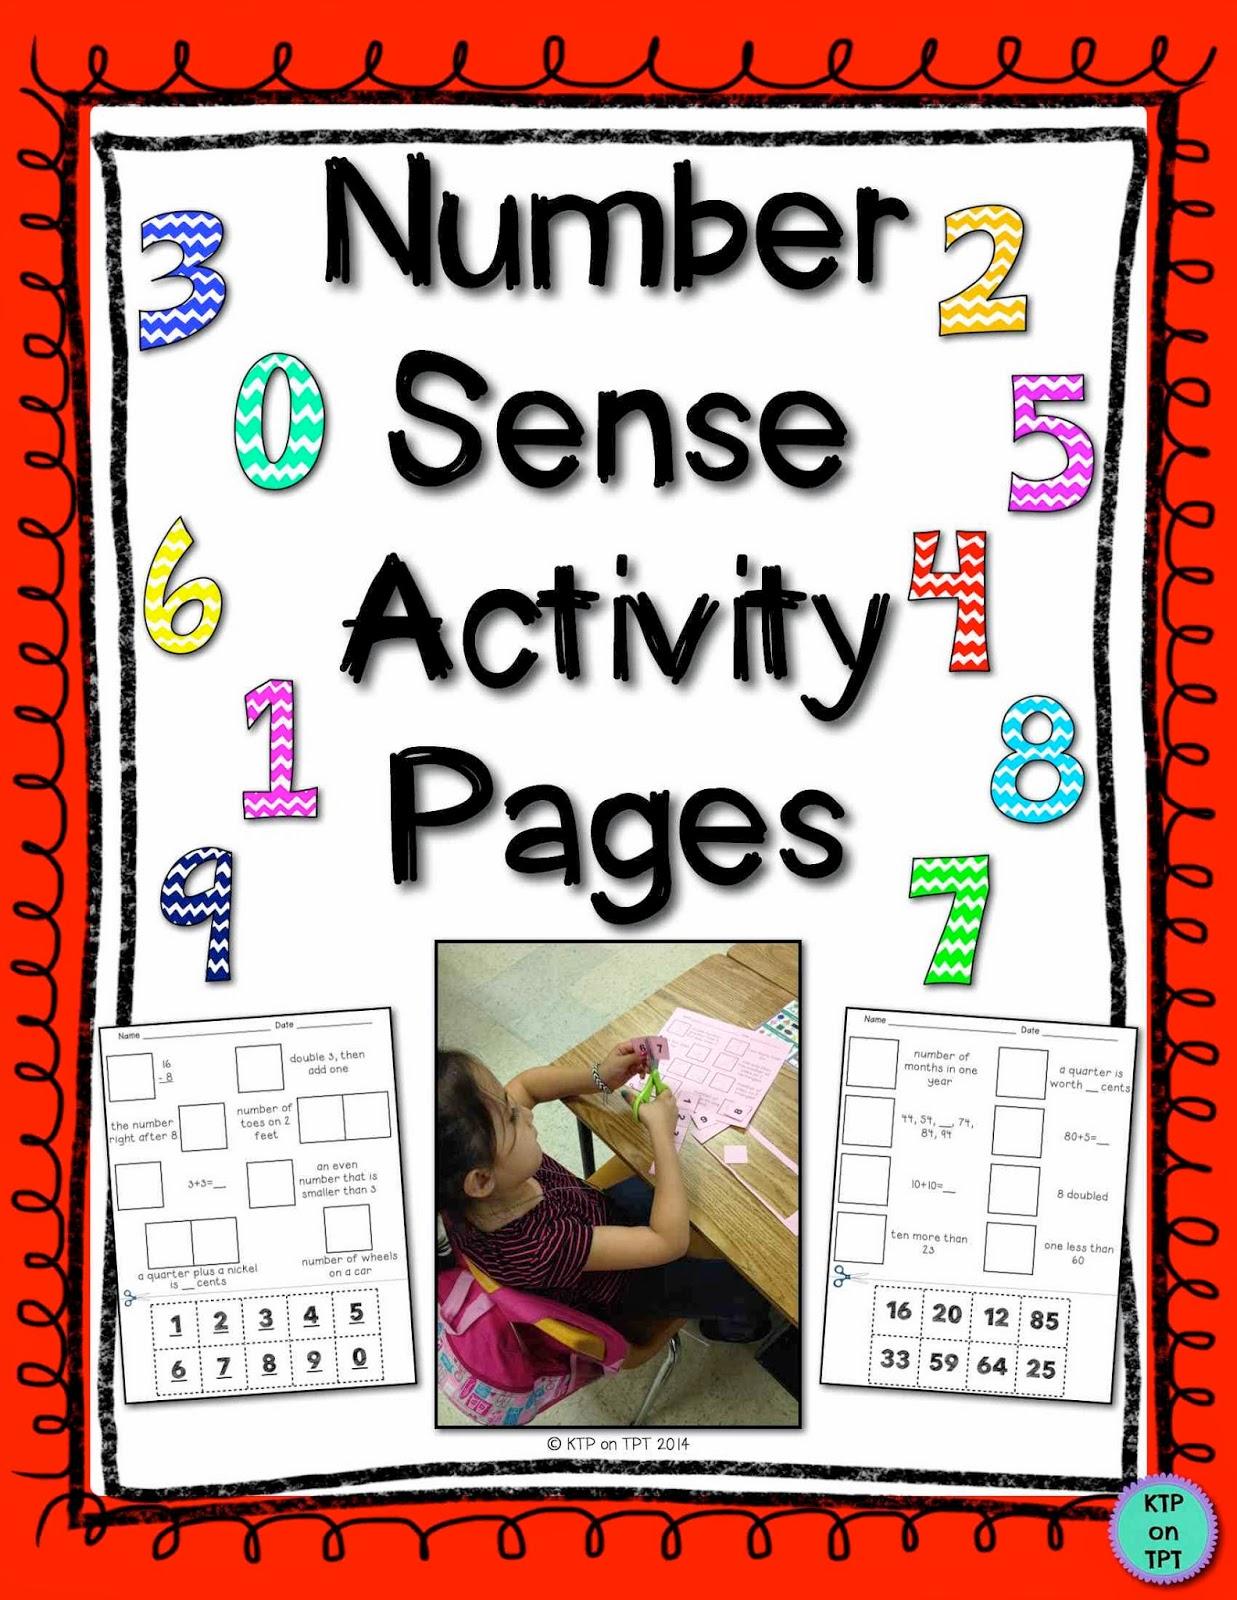 http://www.teacherspayteachers.com/Product/Number-Sense-Activity-Pages-1231823